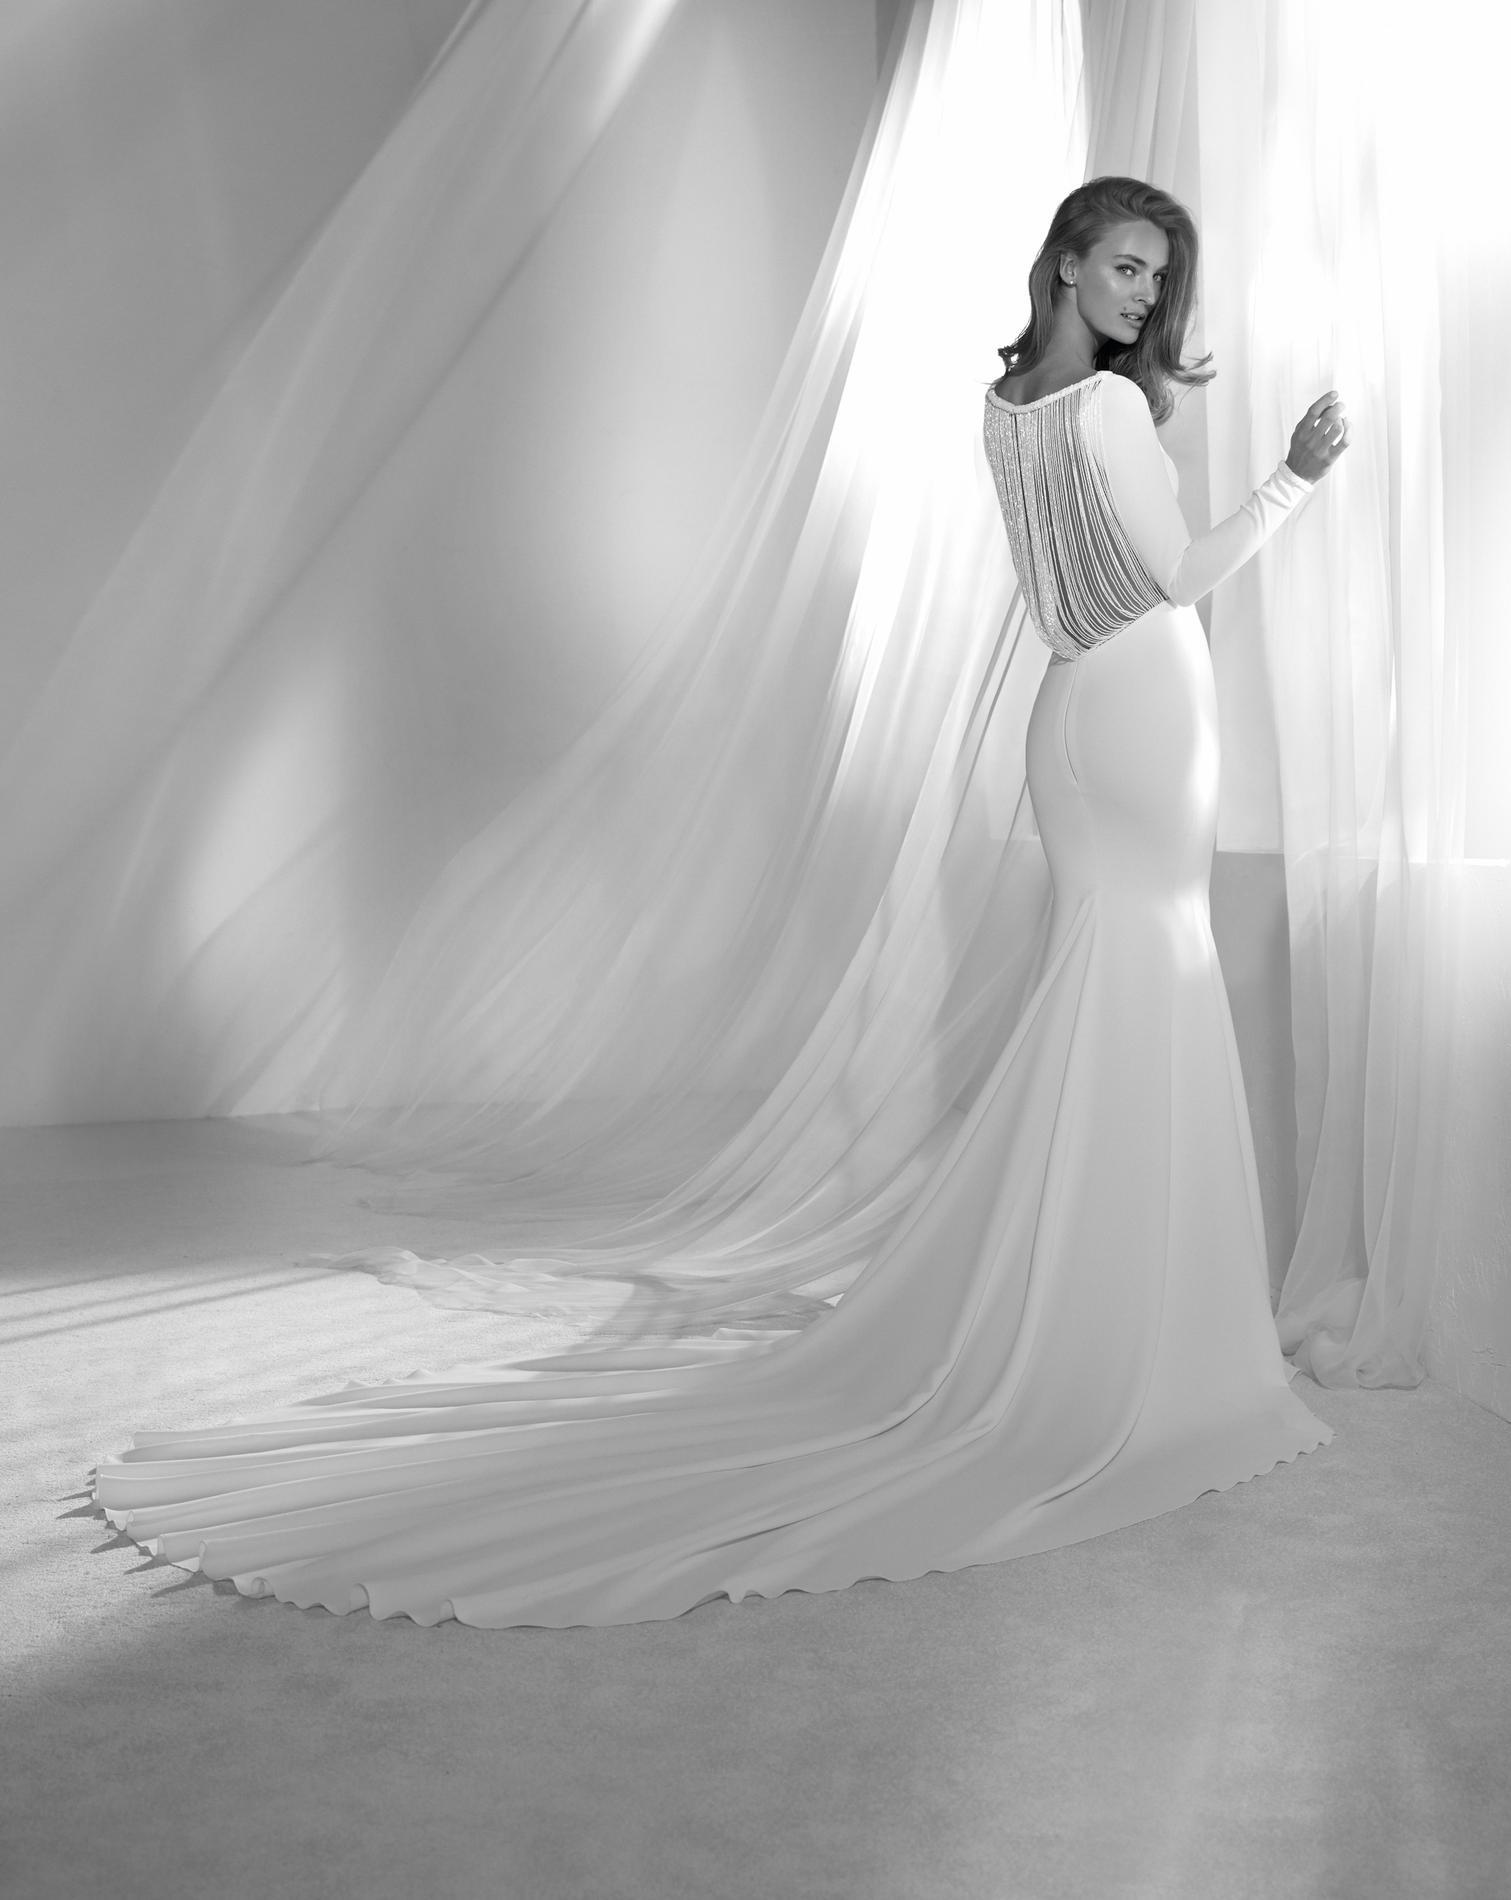 Ses Nouvelles Robes Collections Pronovias Mariée De 2018 Dévoile 35lj4ar hrtsdCxQ